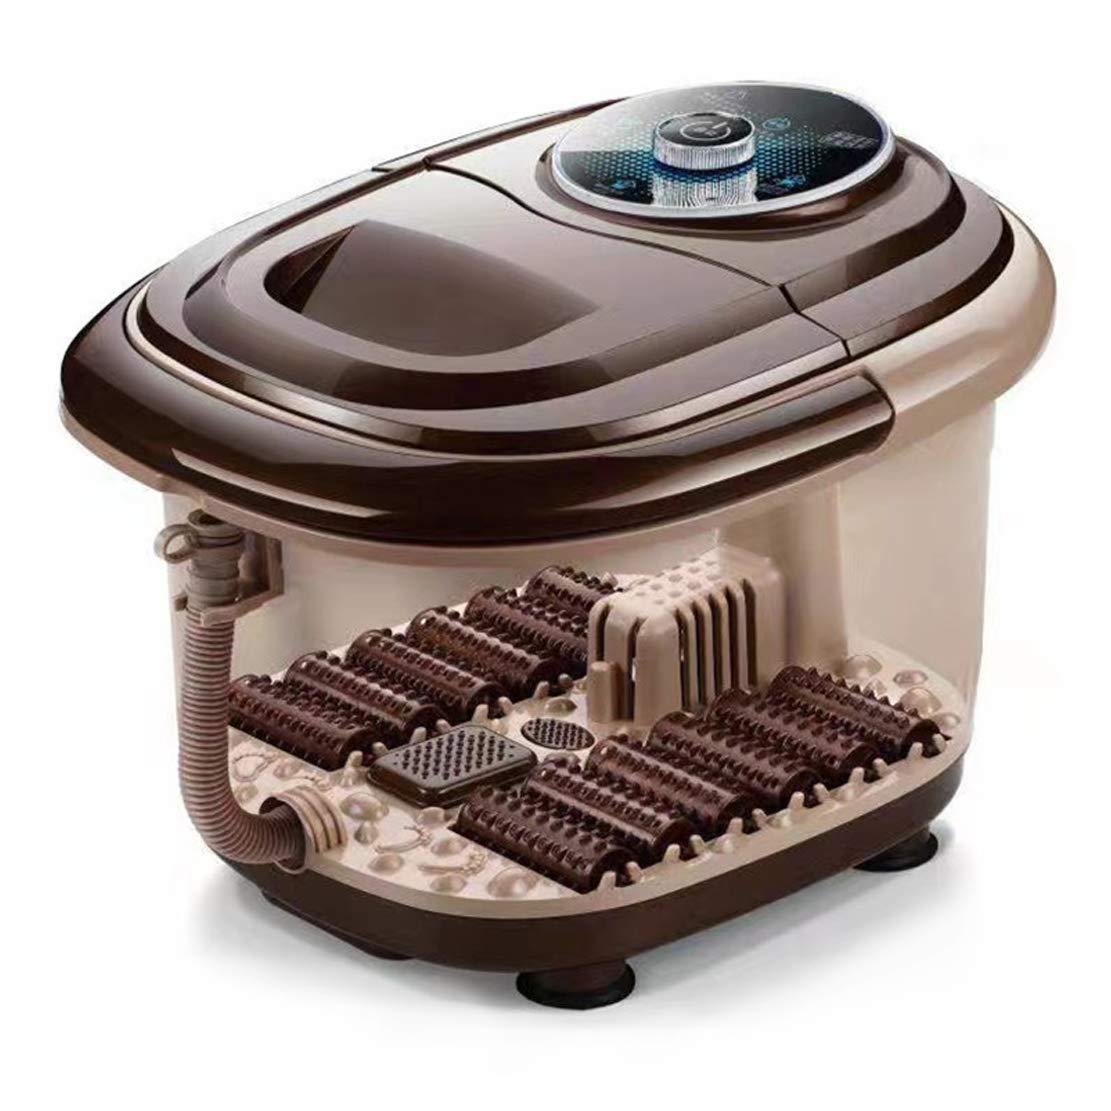 フットマッサージャー 家のための酸素を帯びた泡の指圧混練熱でDeepens足浴槽 B07TJQPGSL